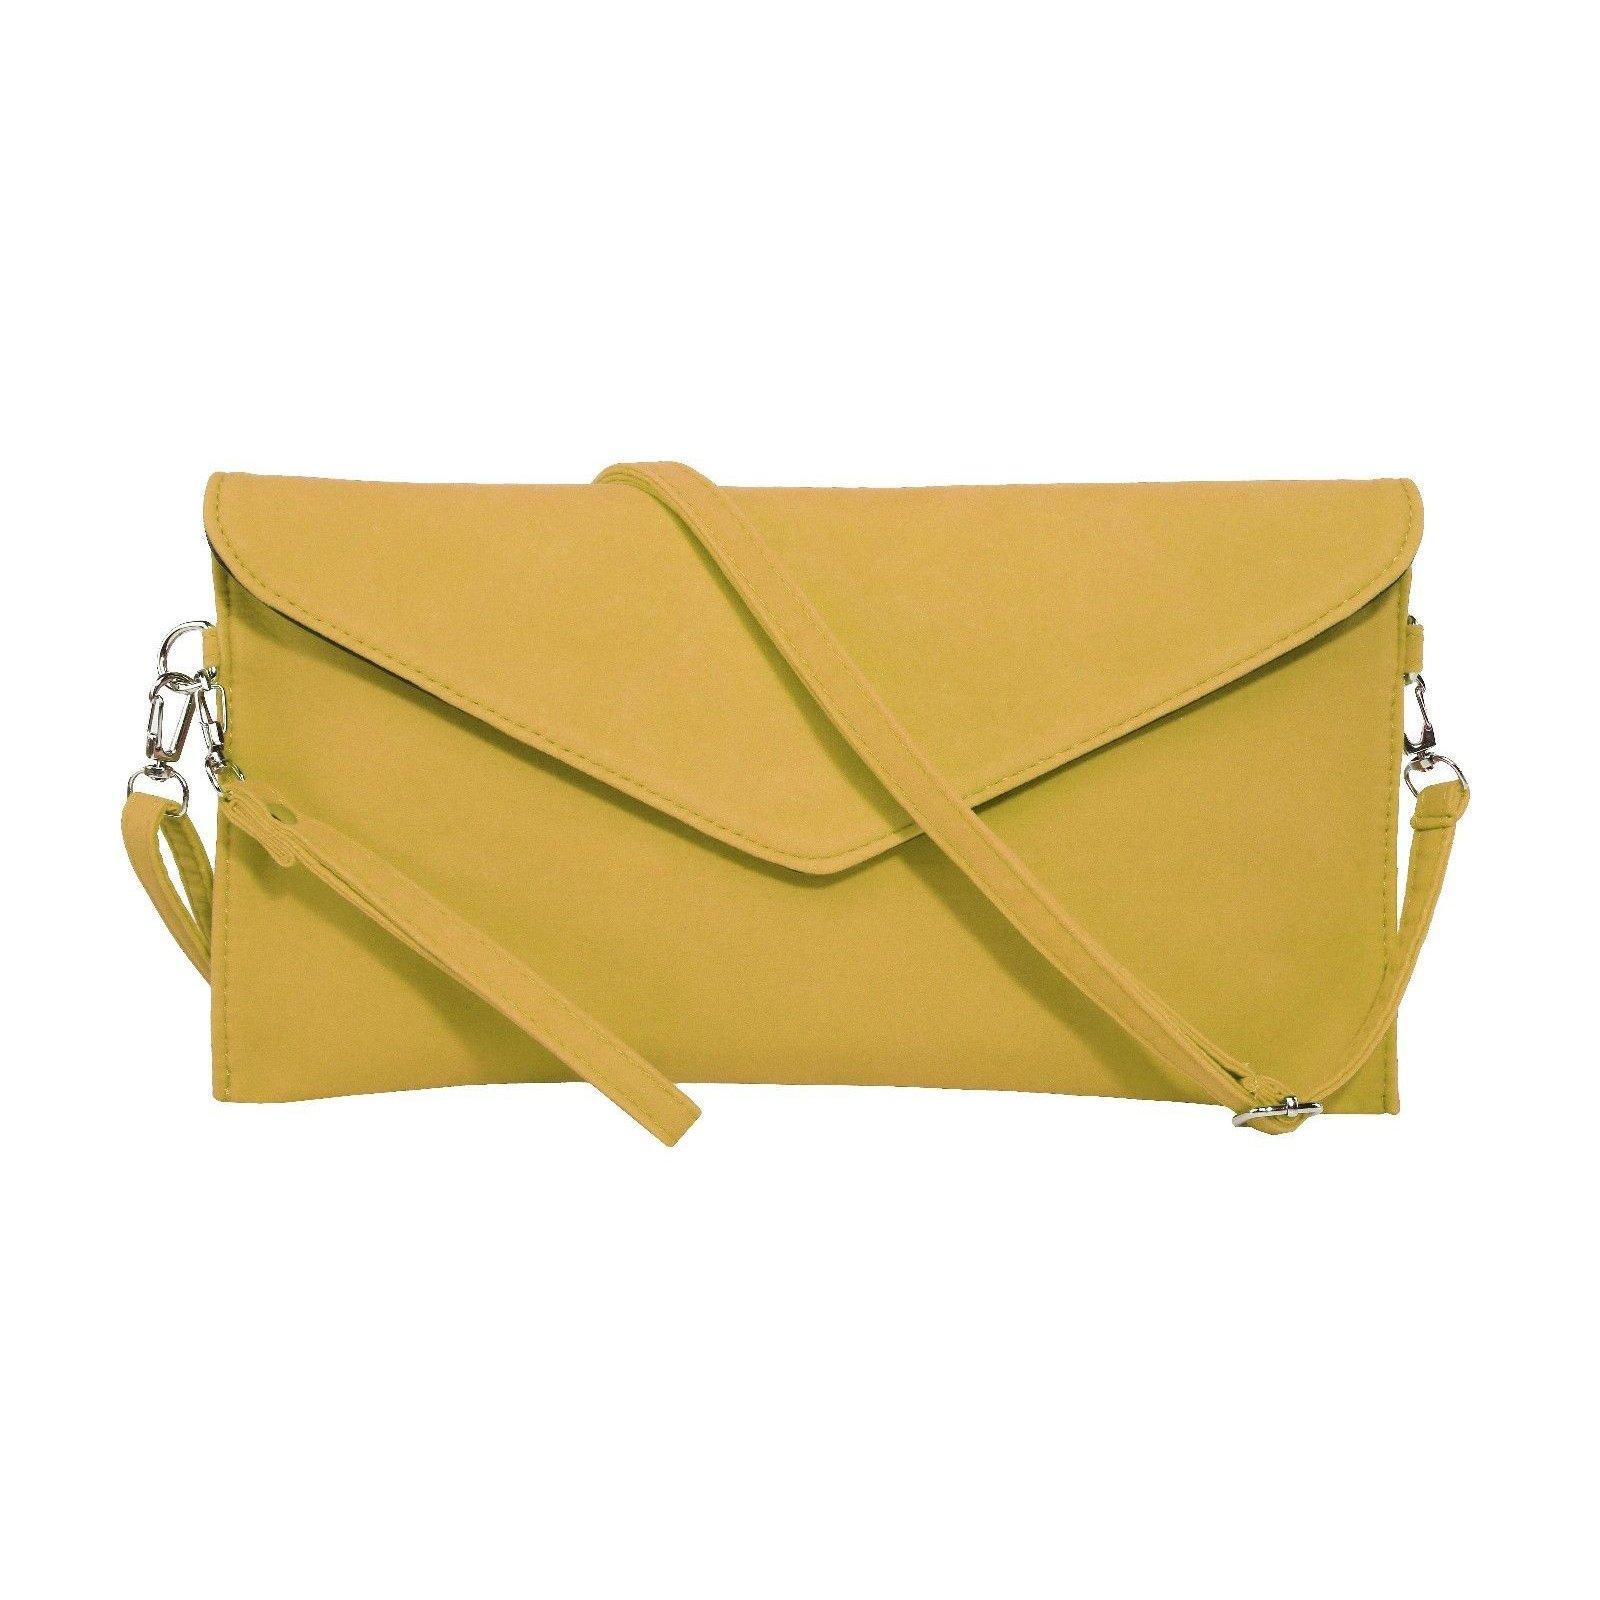 Jieway Women's Faux Suede Evening Clutch Bag Crossbody Bag Shoulder Handbags (Yellow)